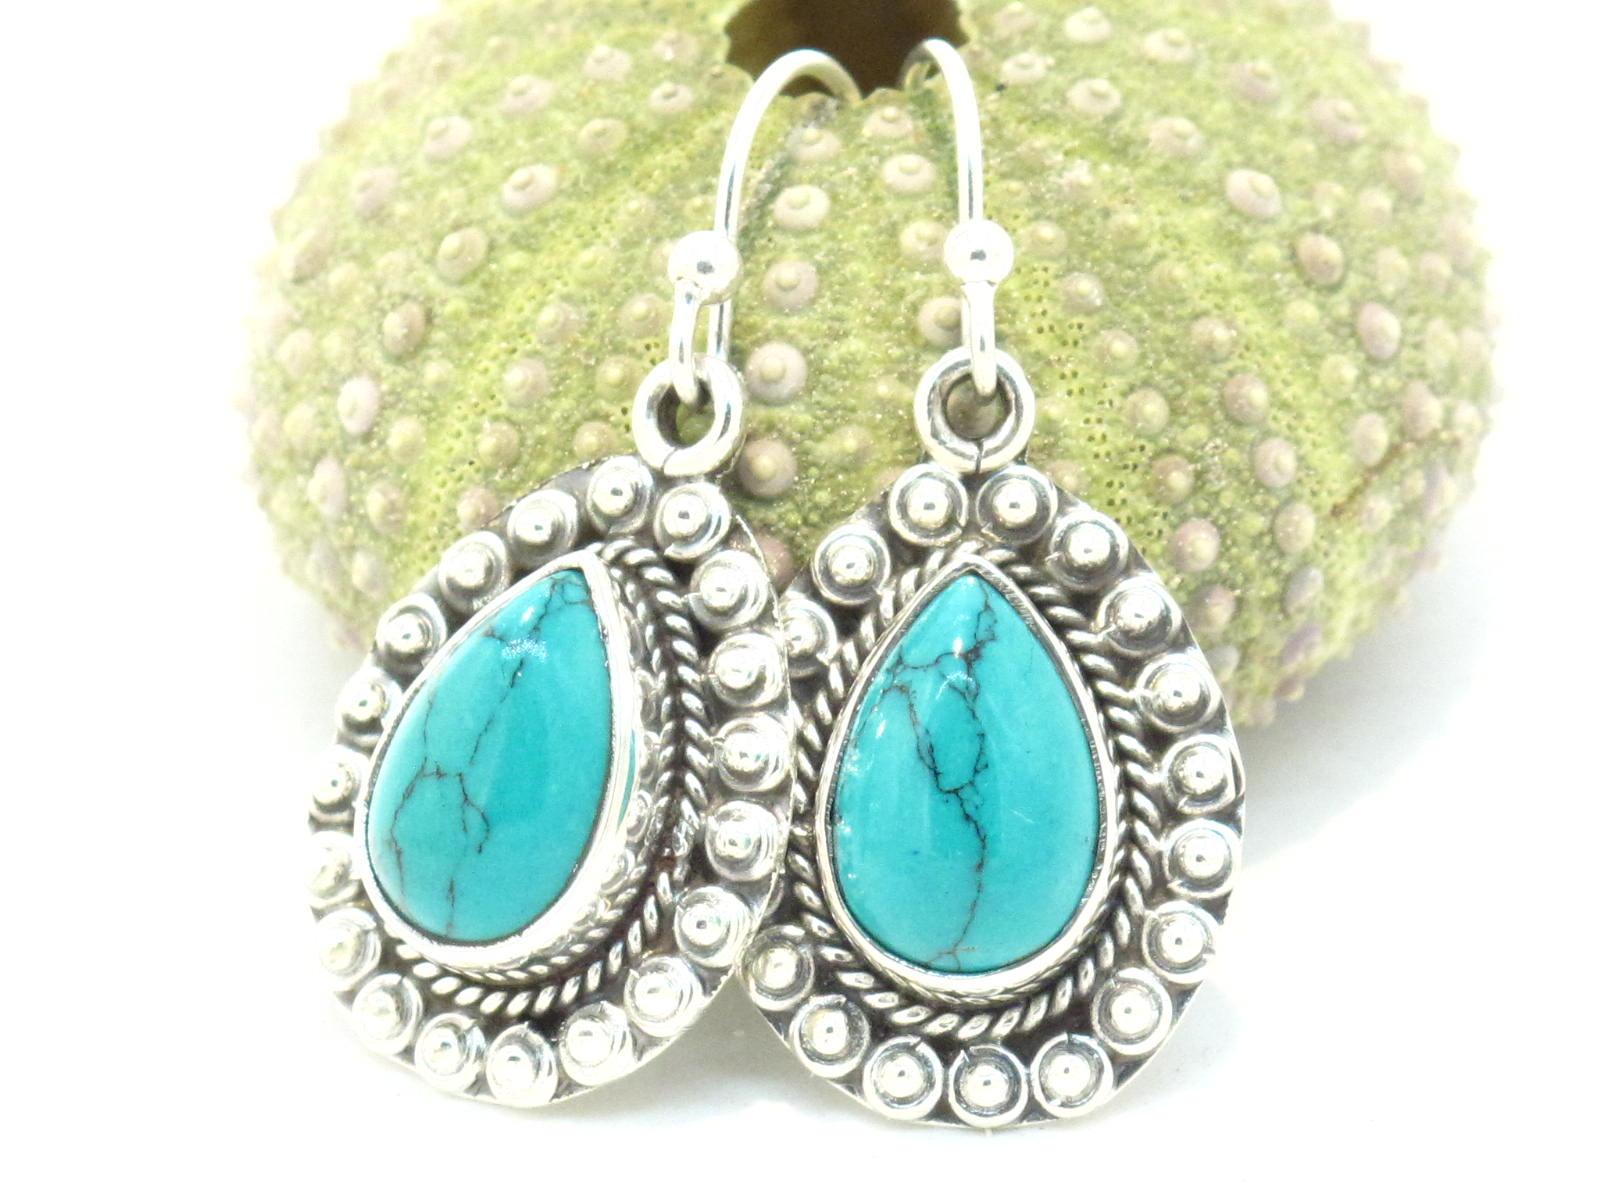 orecchini in argento e turchese